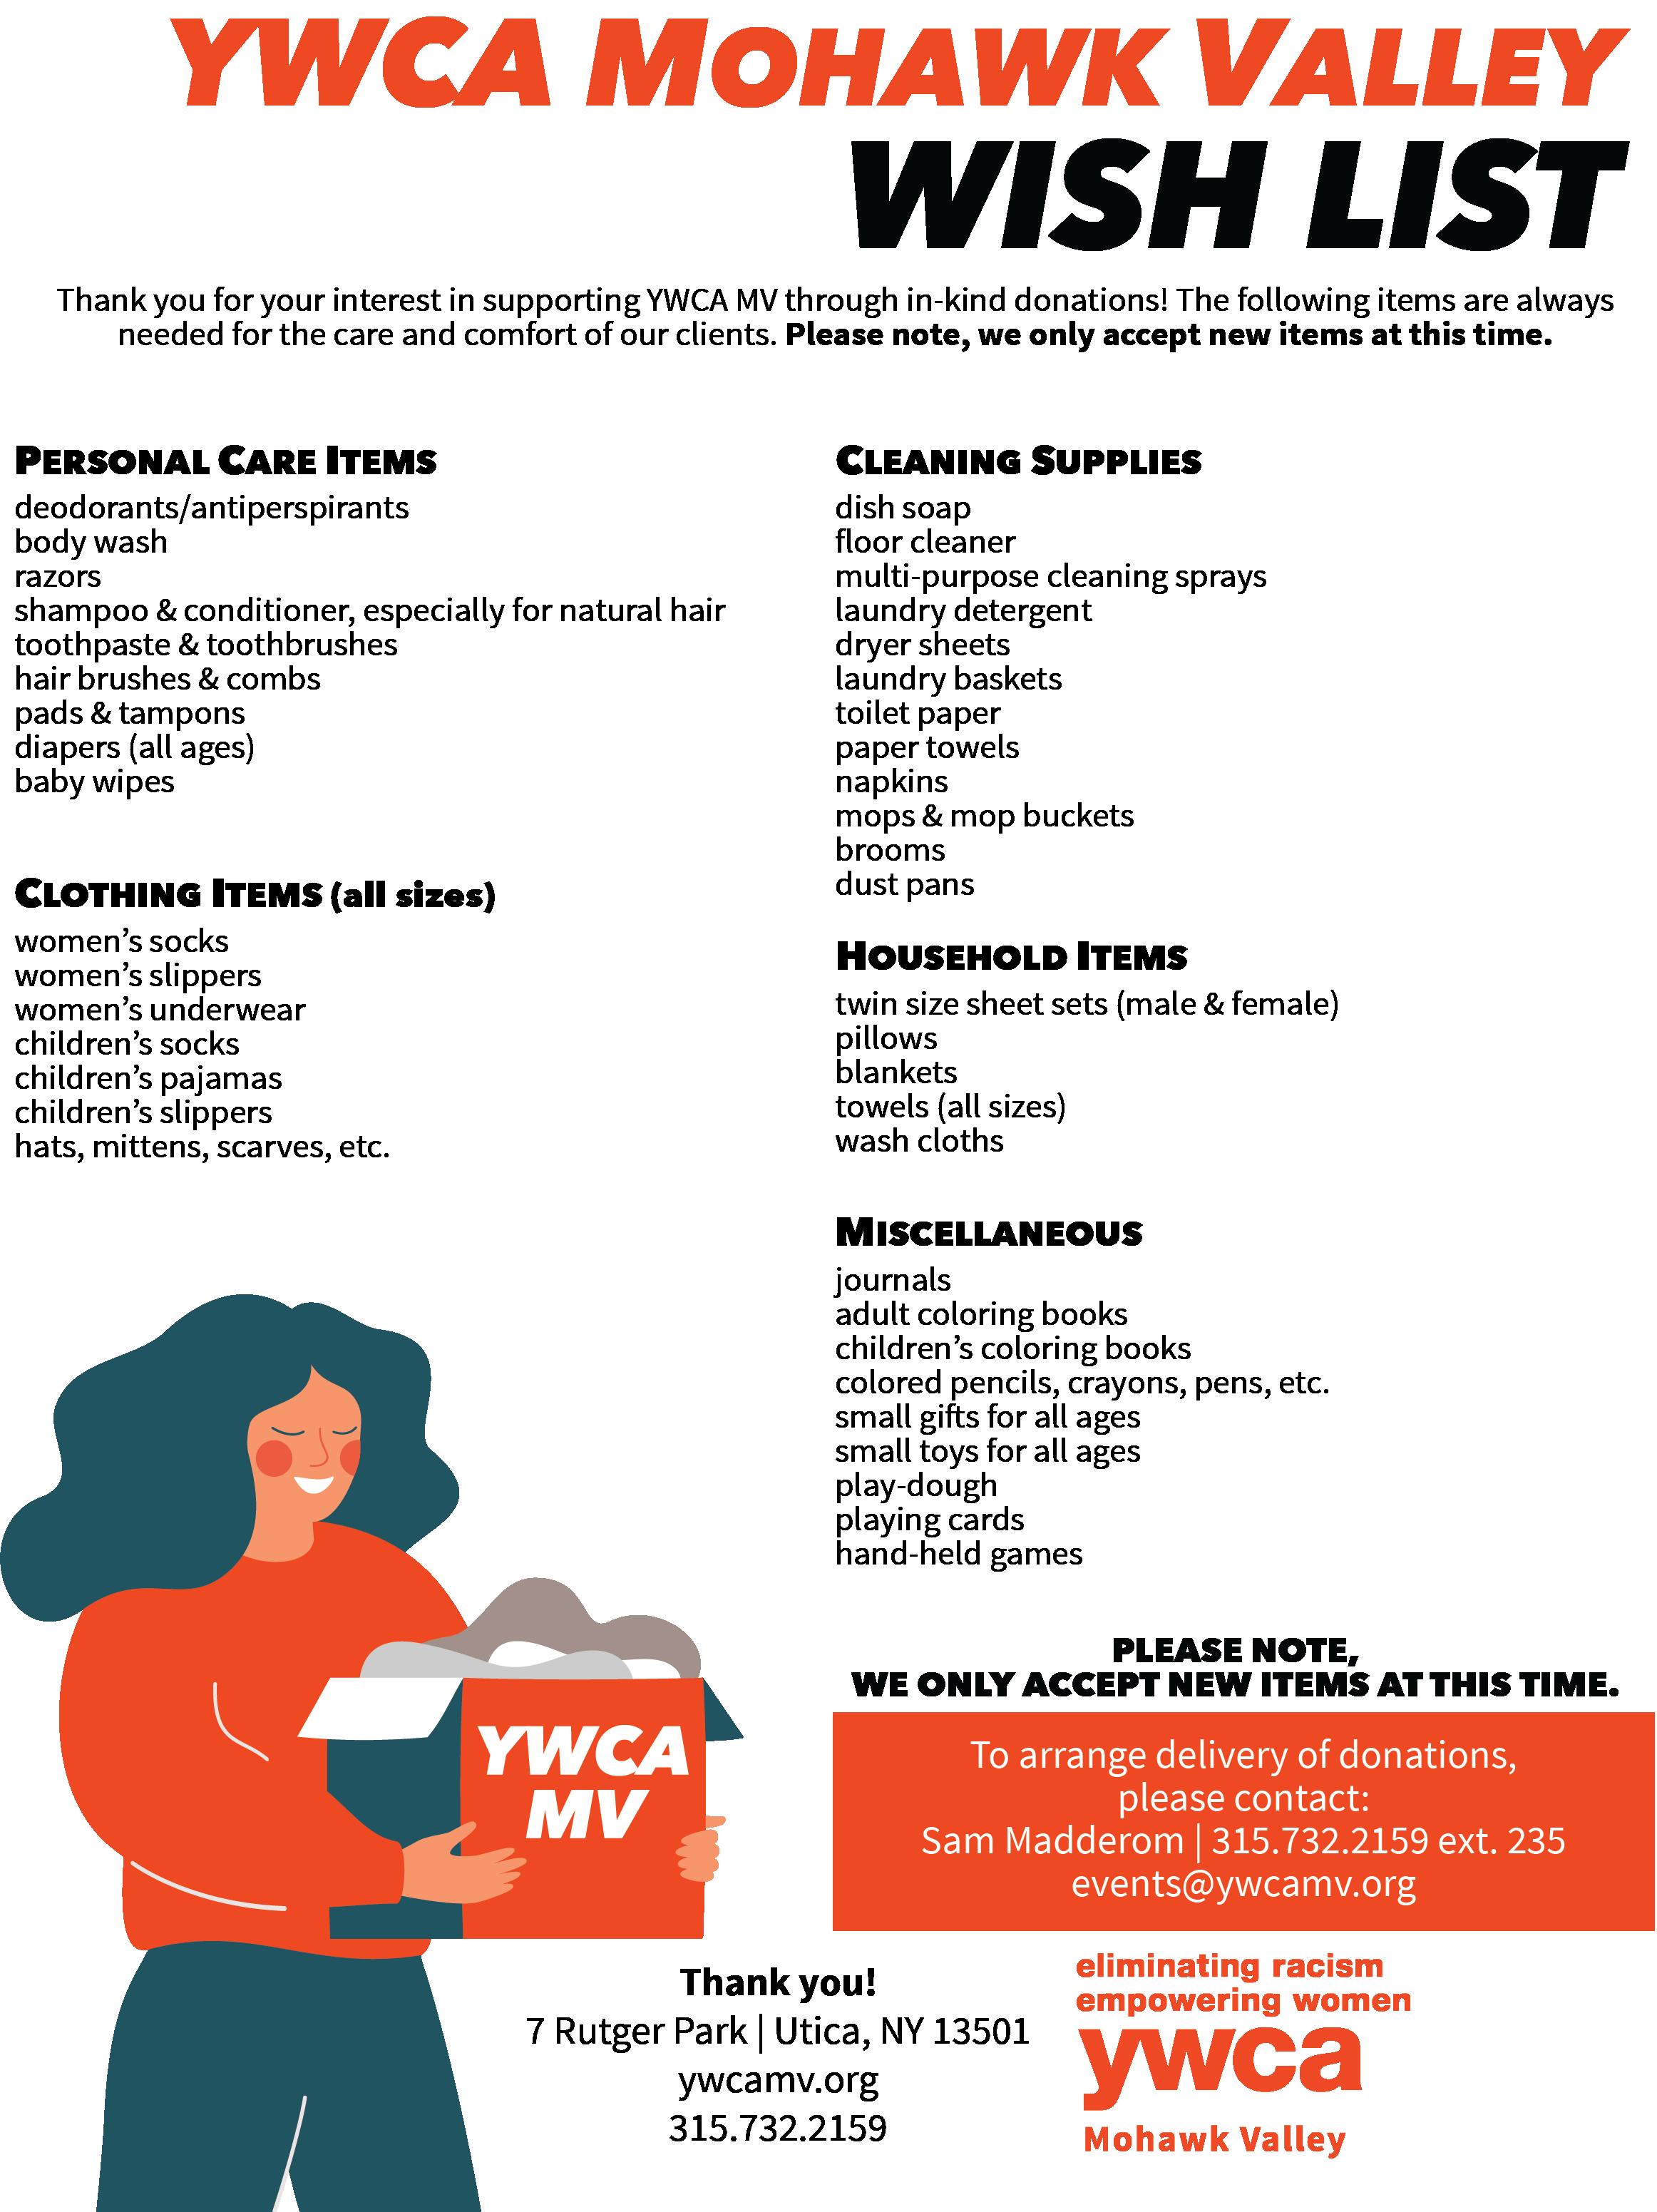 YWCA MV donation wish list